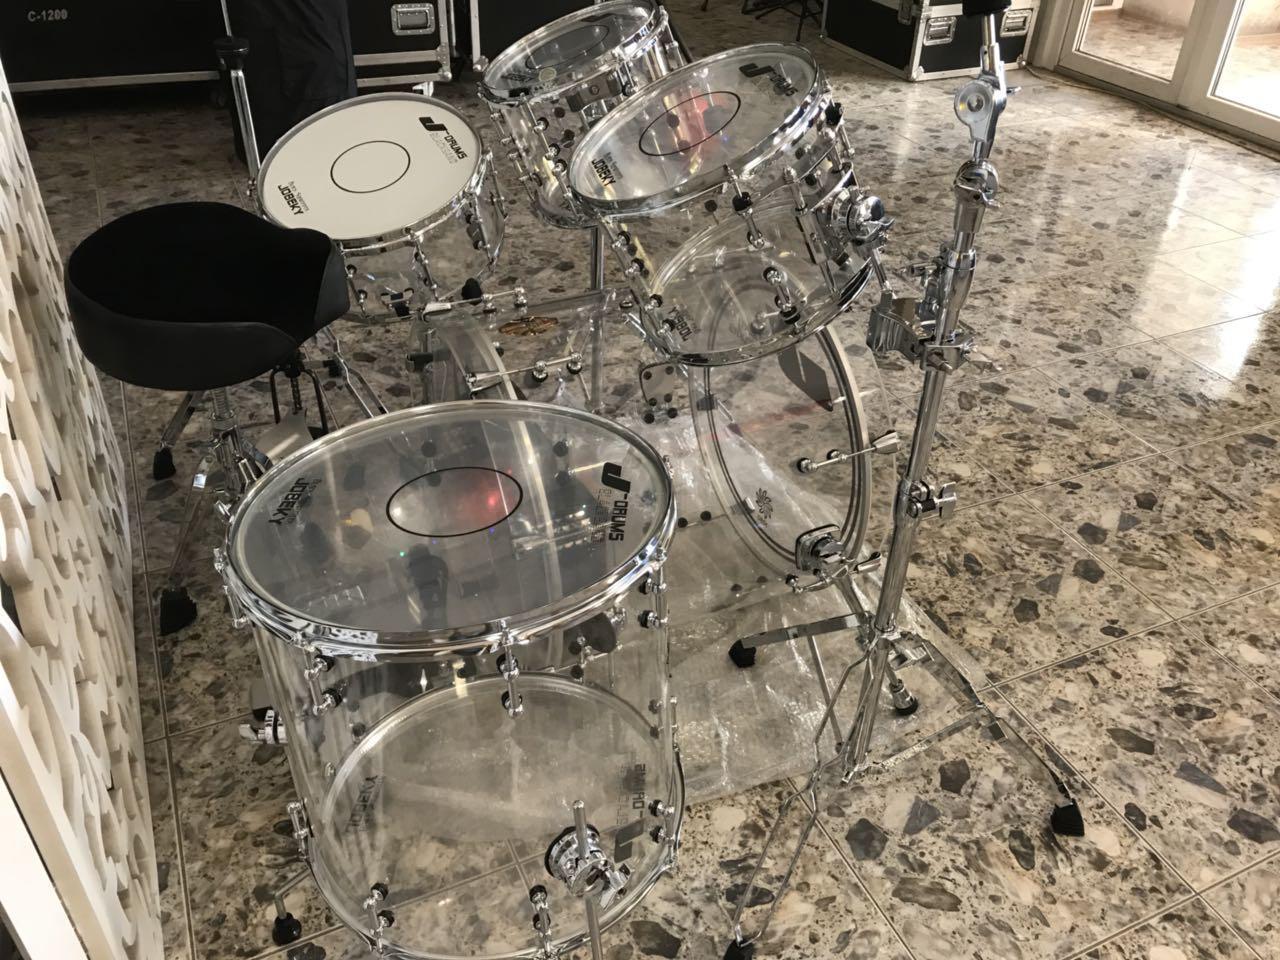 Аренда Акриловой прозрачной барабанной установки Jobeky Drums